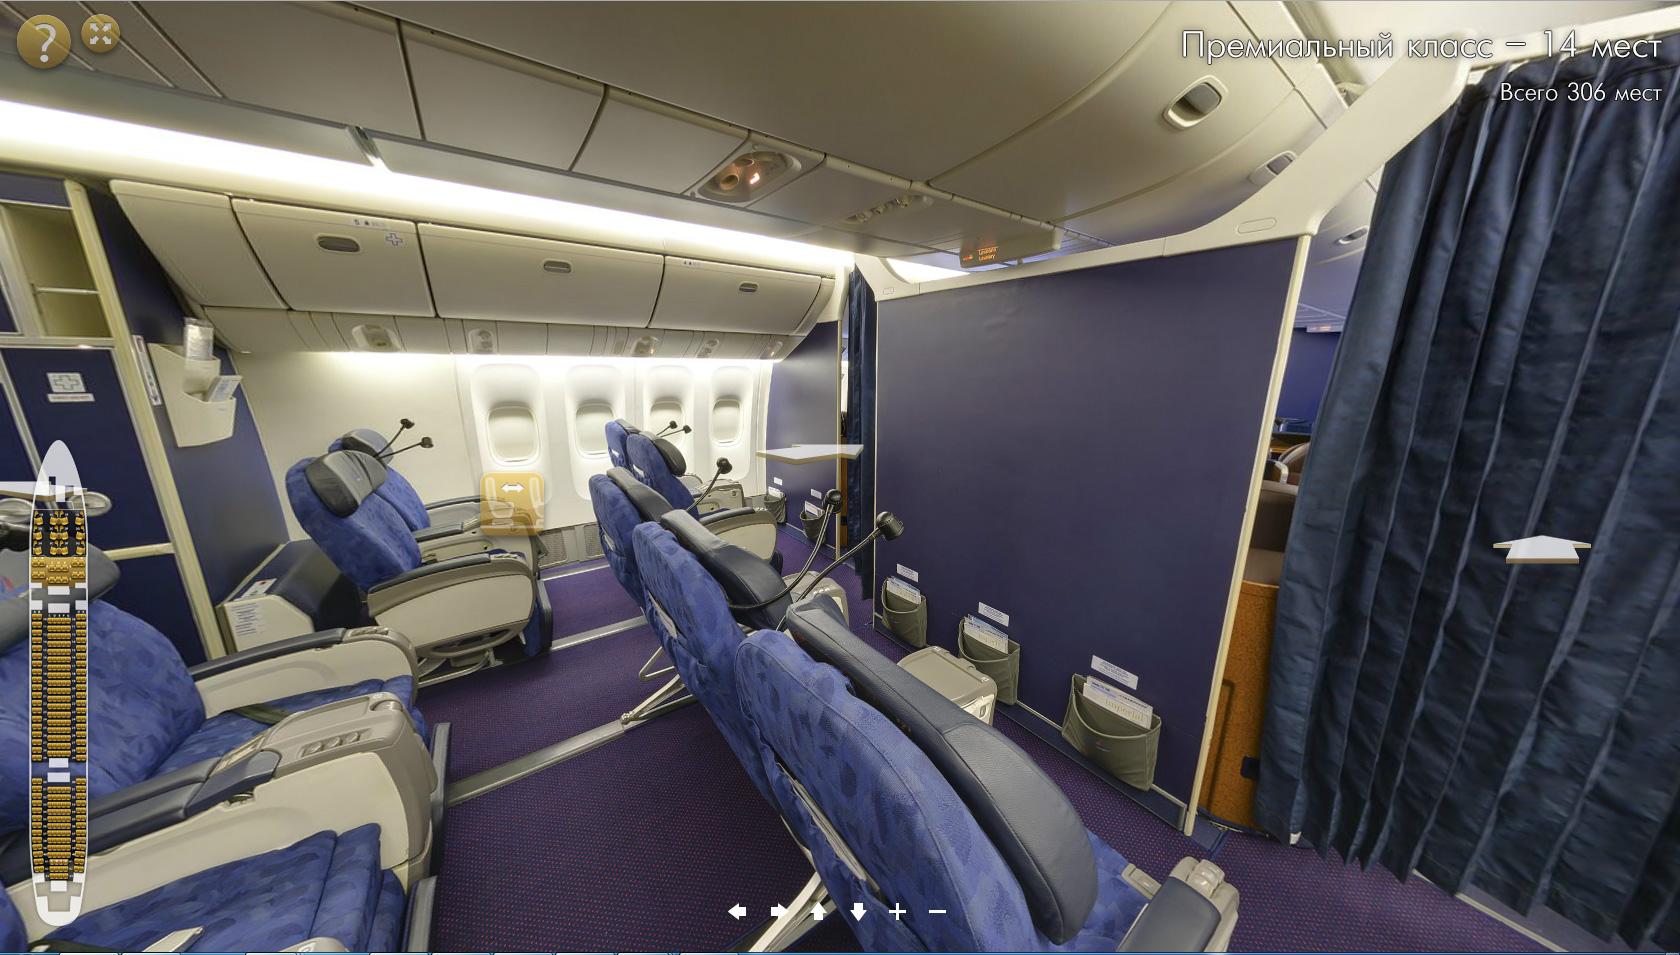 Боинг 777 200 россия схема салона фото 960